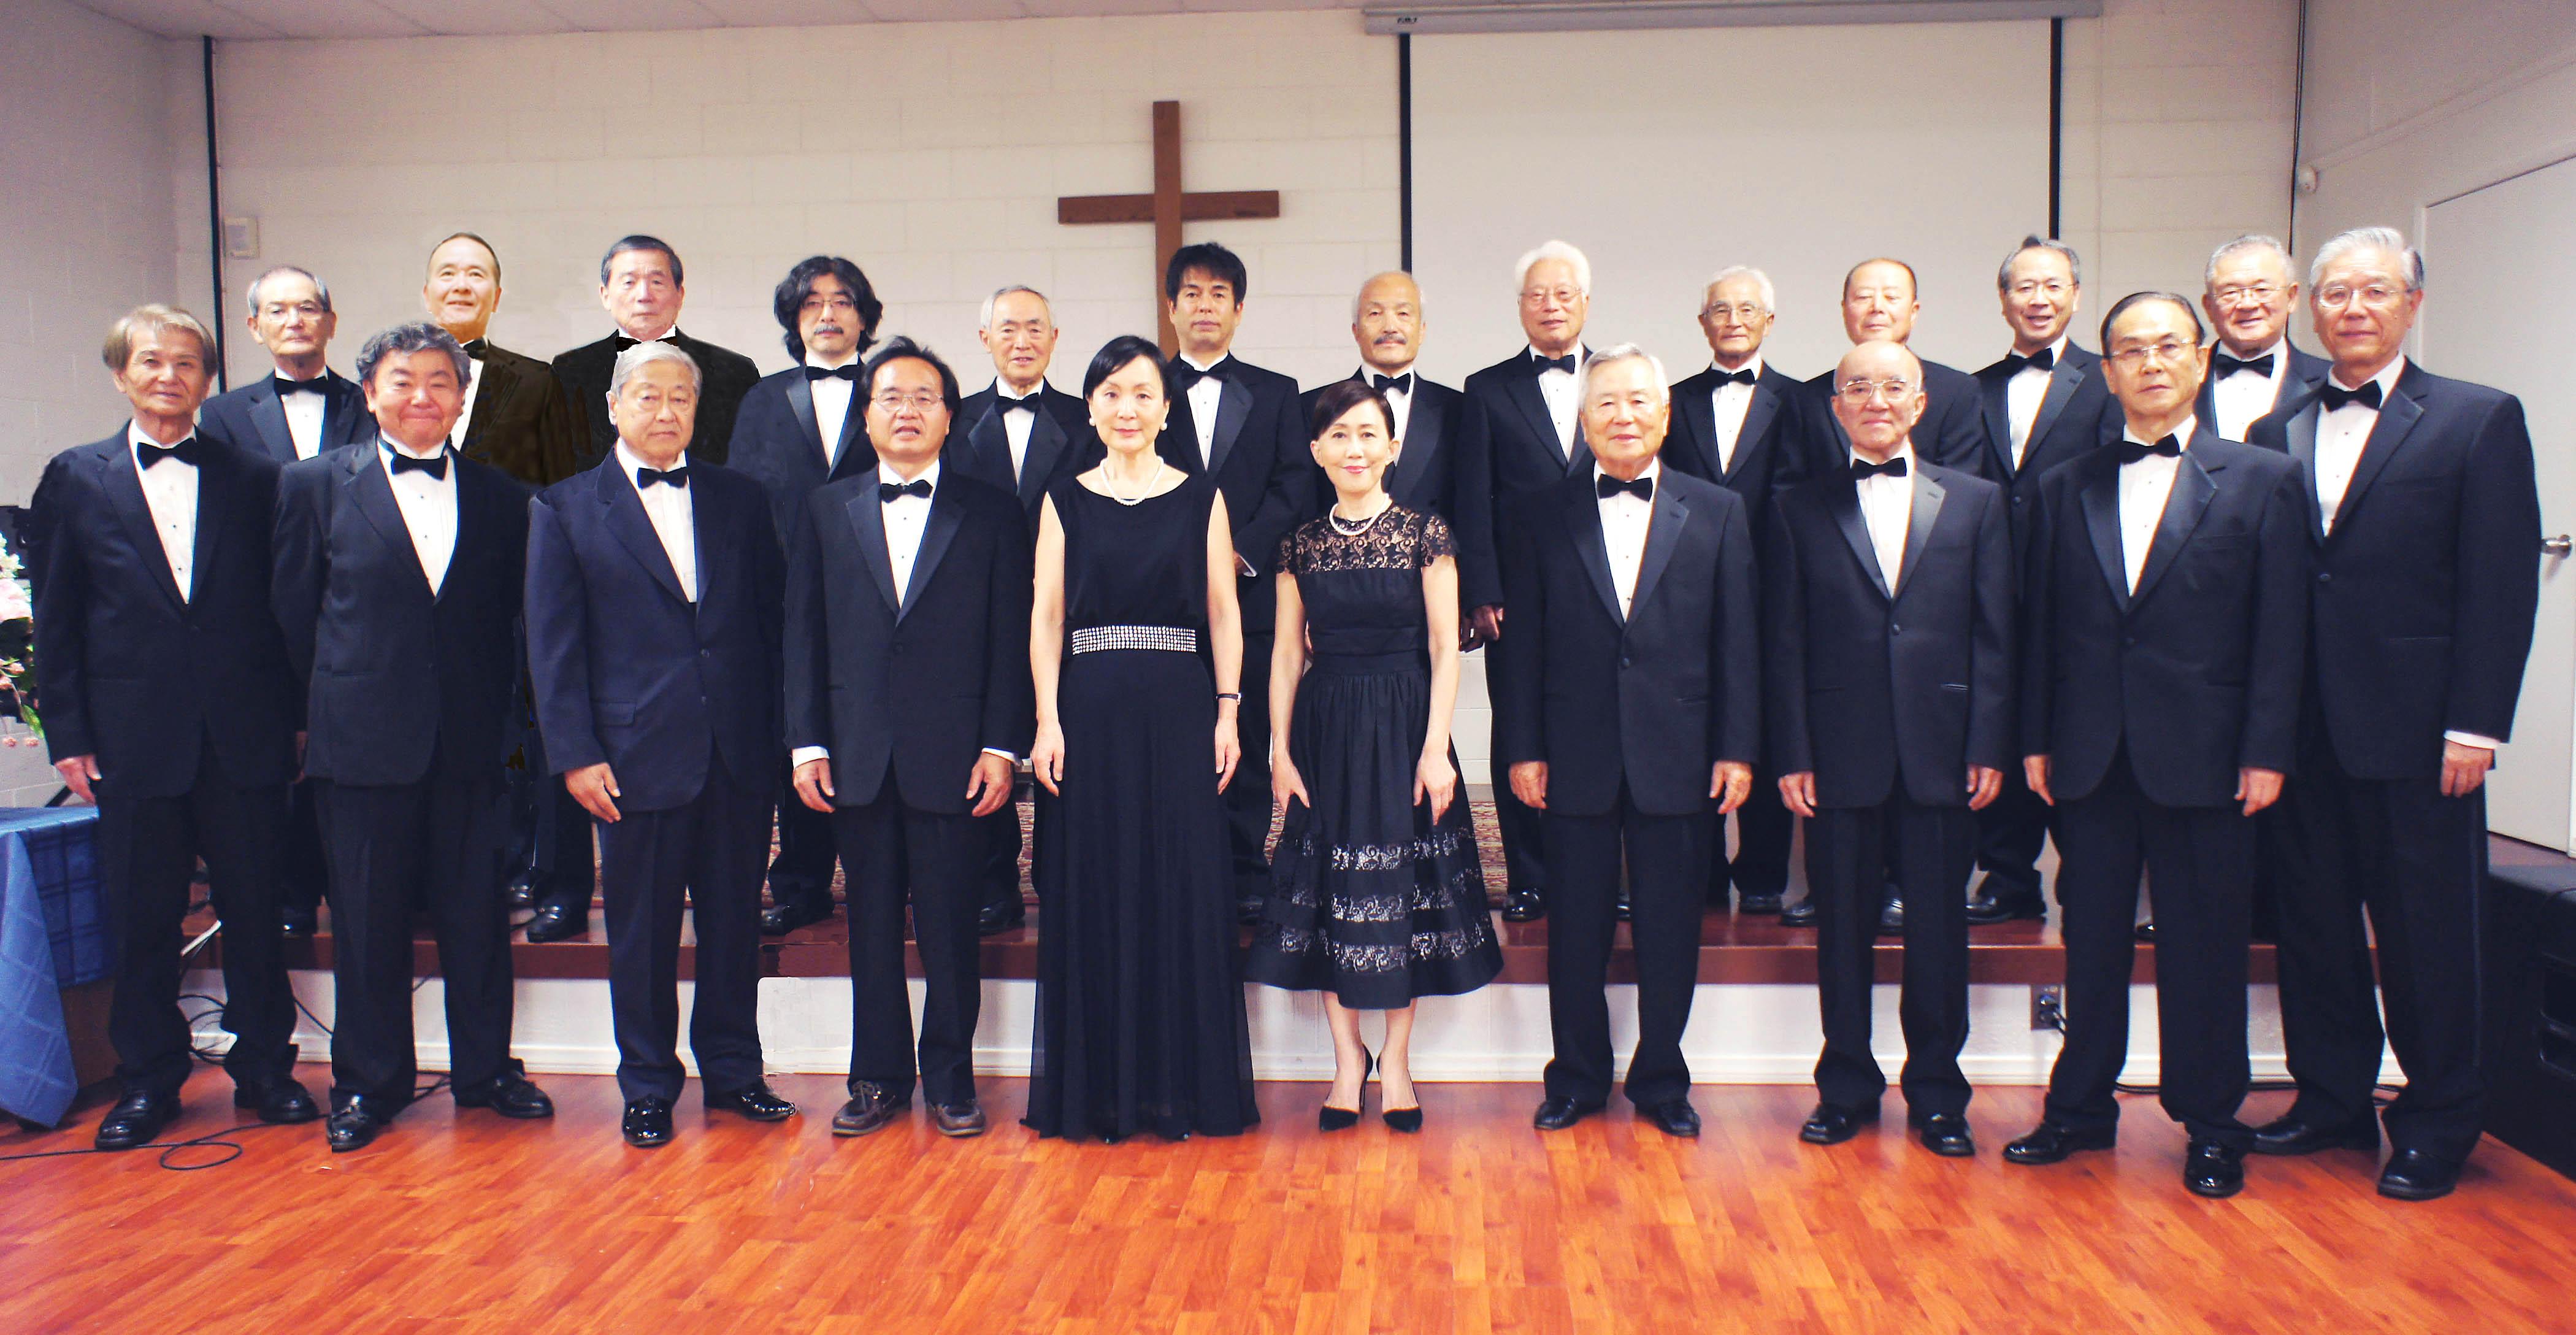 25日に第10回定期演奏会:サウスベイハーモニーとコラボ